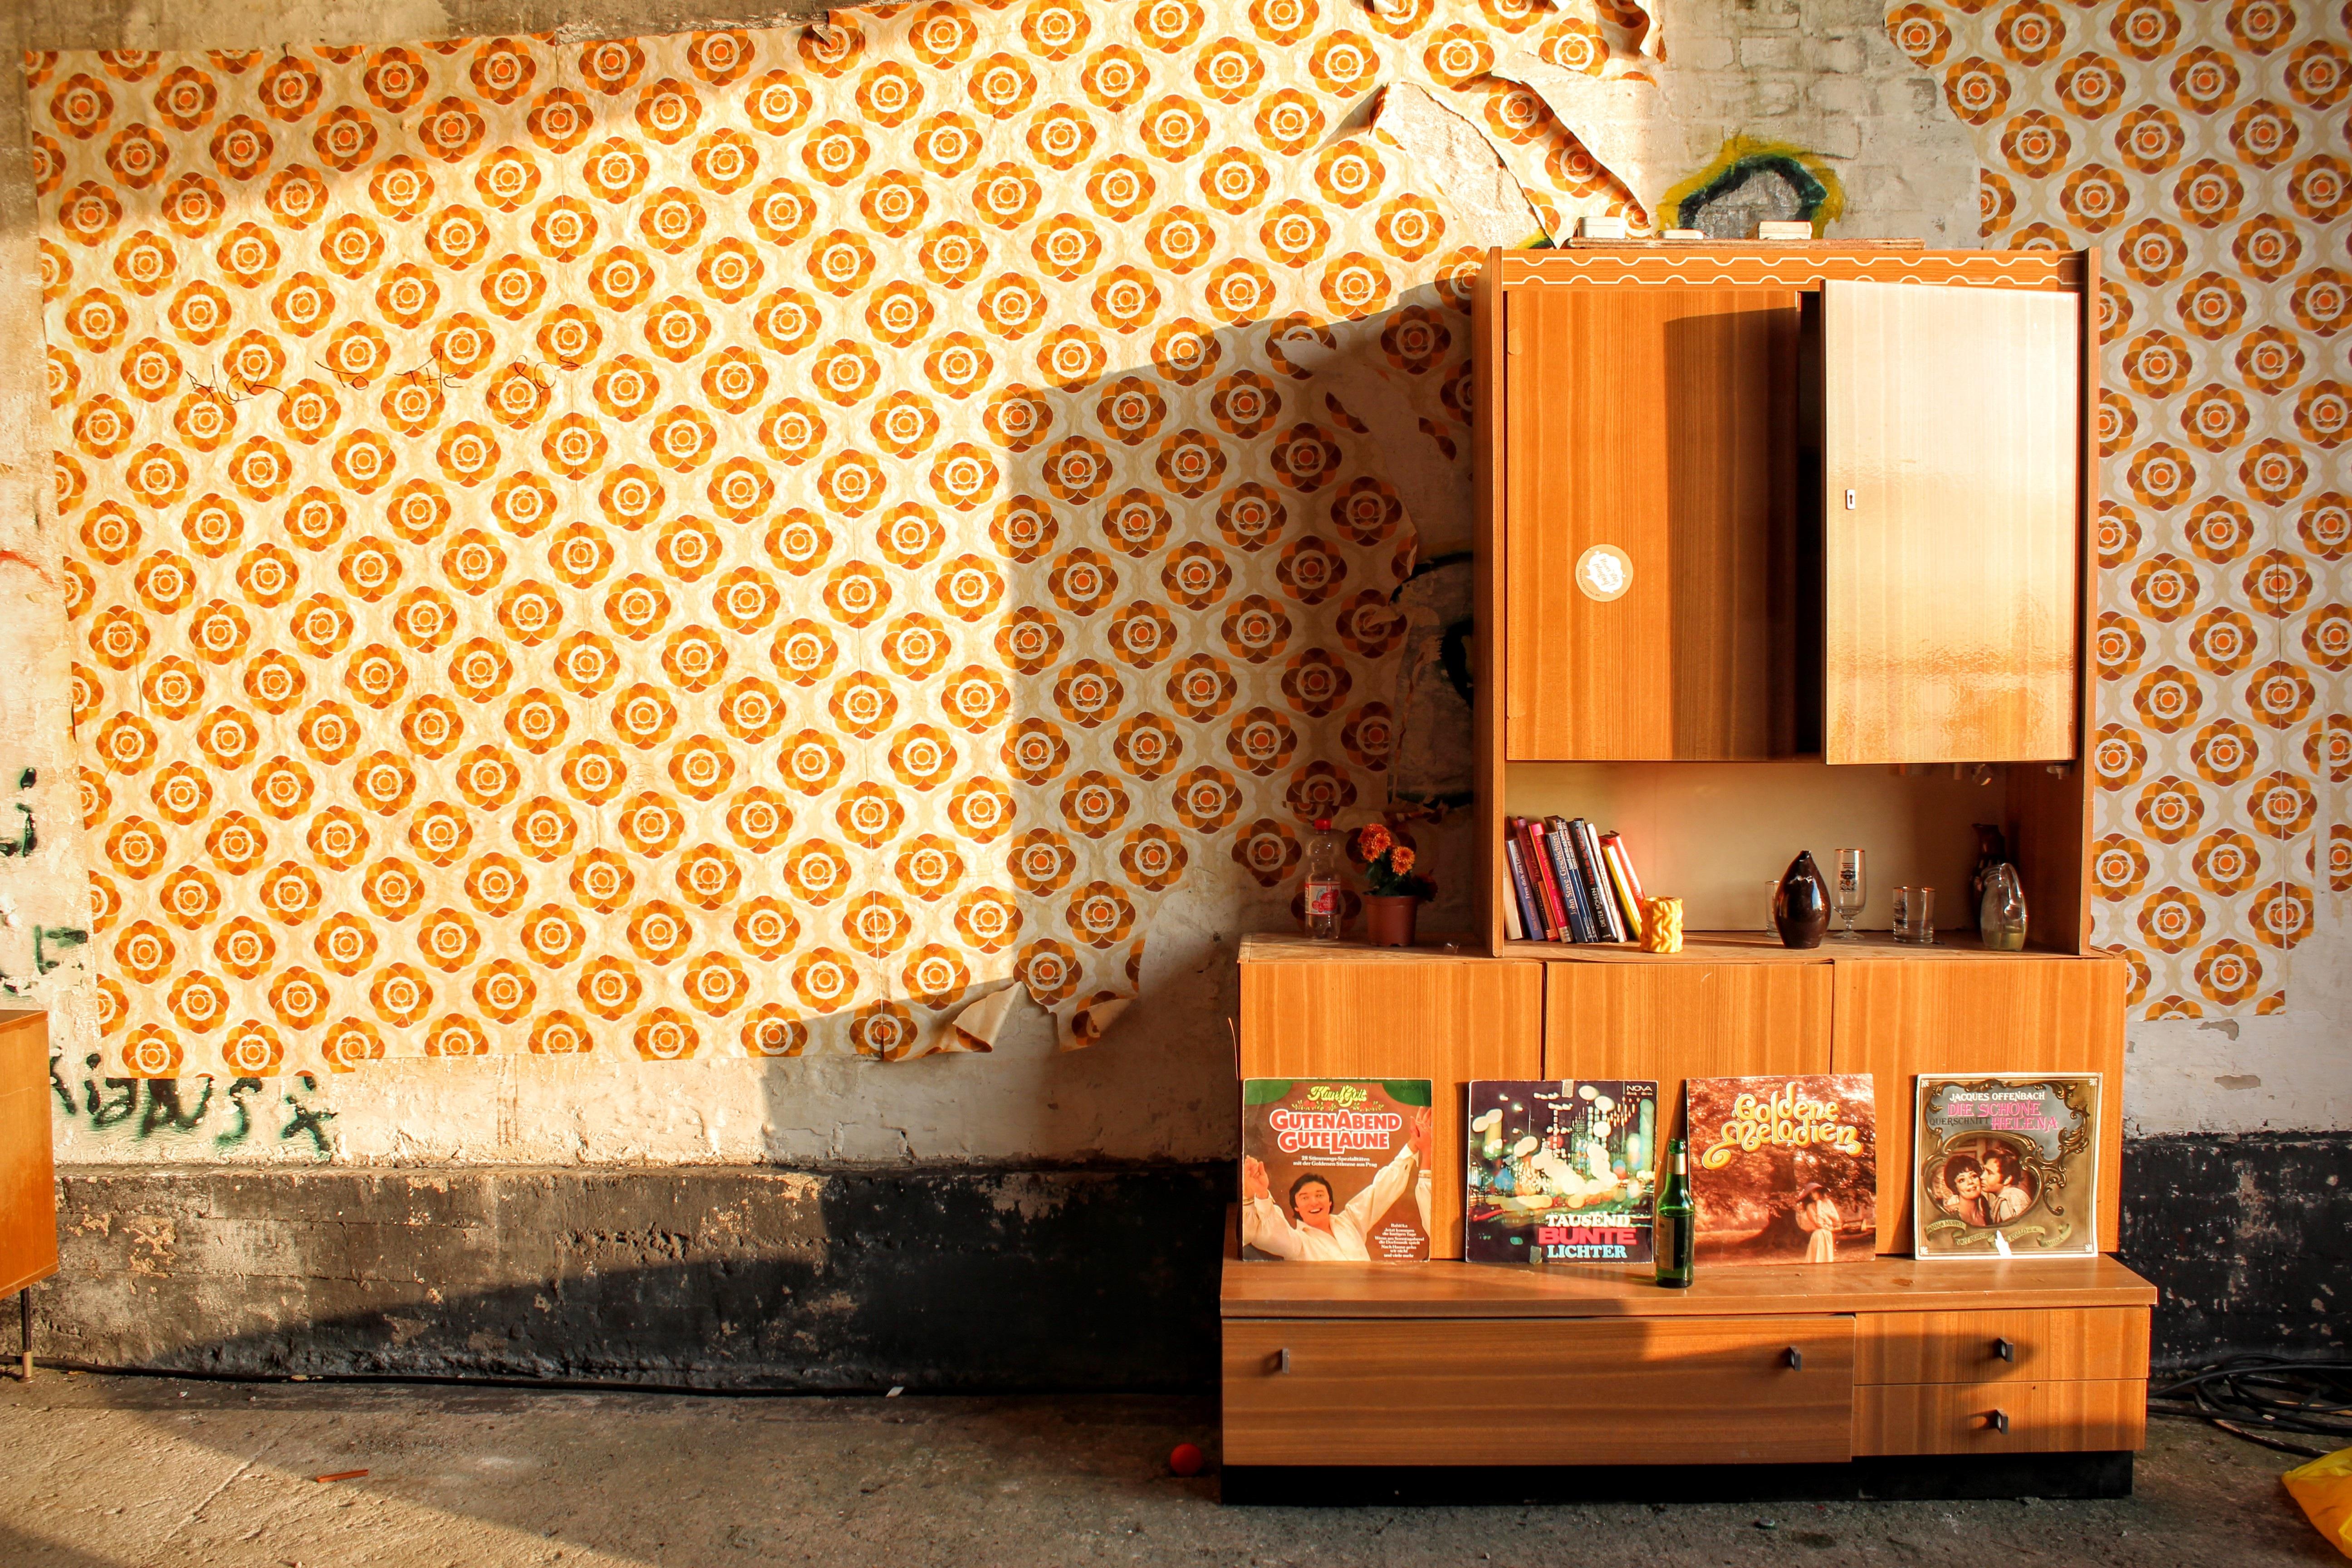 kostenlose foto holz alt mauer wohnzimmer m bel zimmer innenarchitektur entwurf tapete. Black Bedroom Furniture Sets. Home Design Ideas